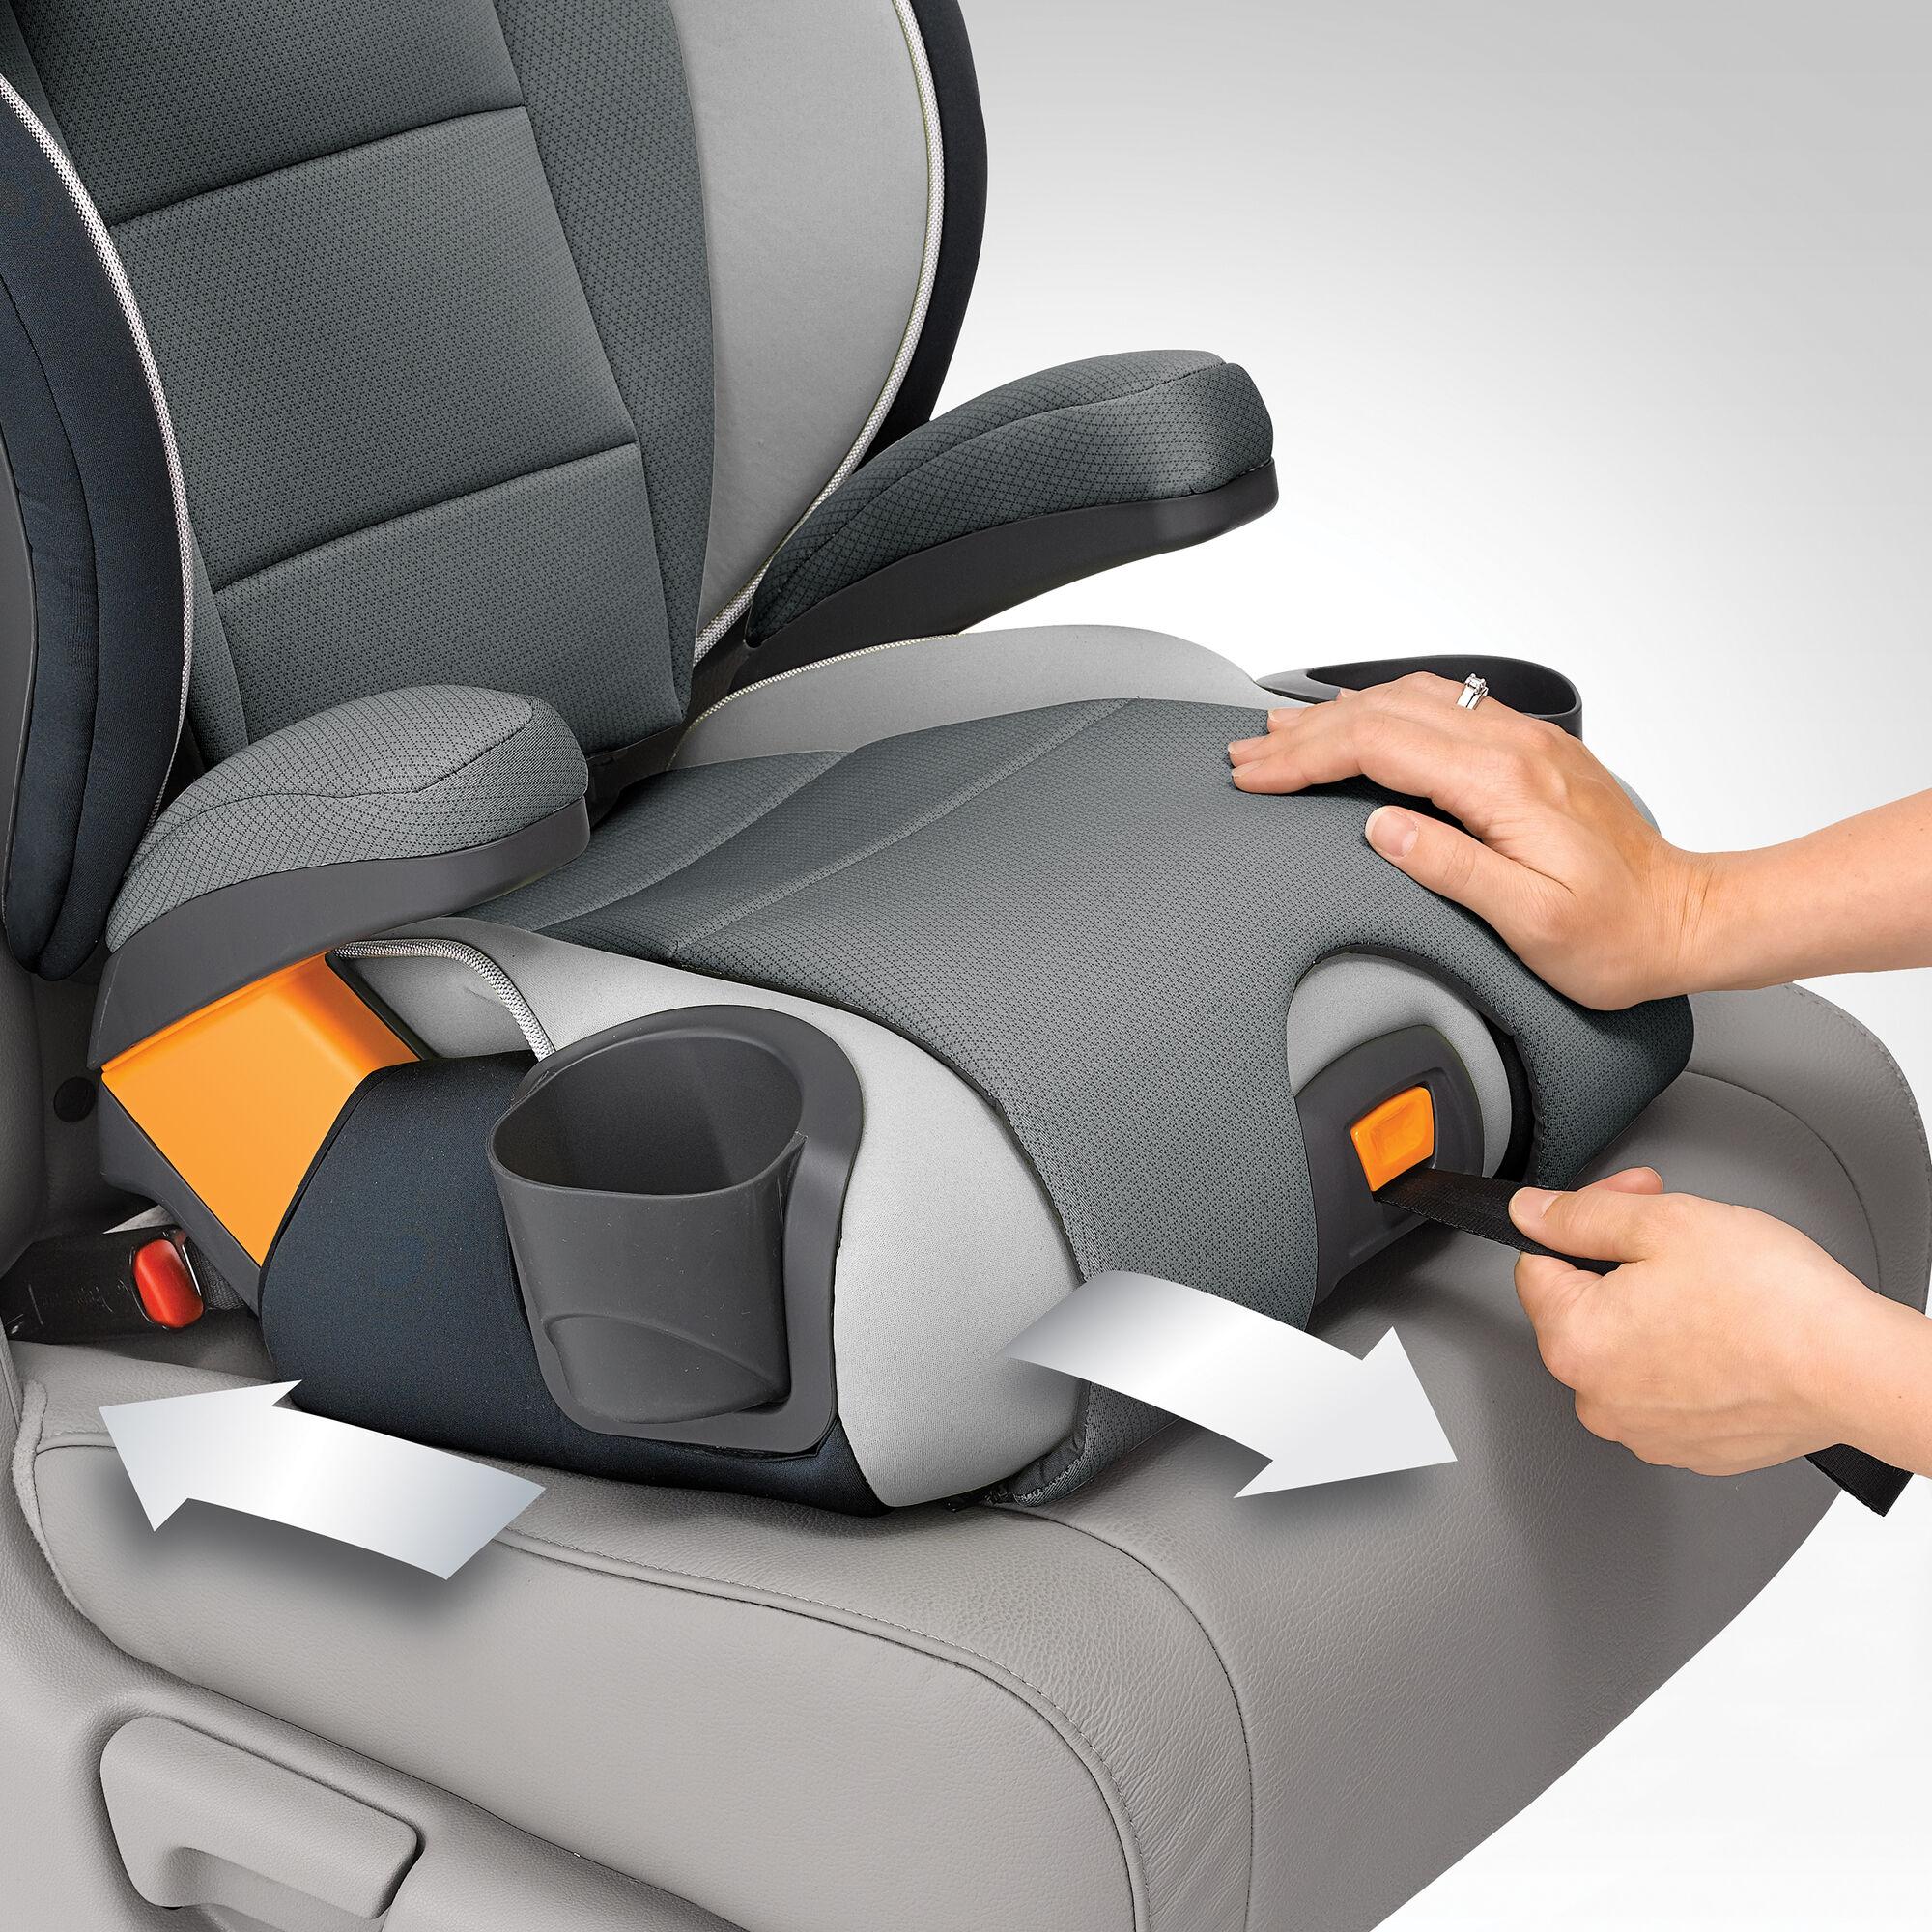 chicco kidfit zip 2 in 1 belt positioning booster seat gem. Black Bedroom Furniture Sets. Home Design Ideas